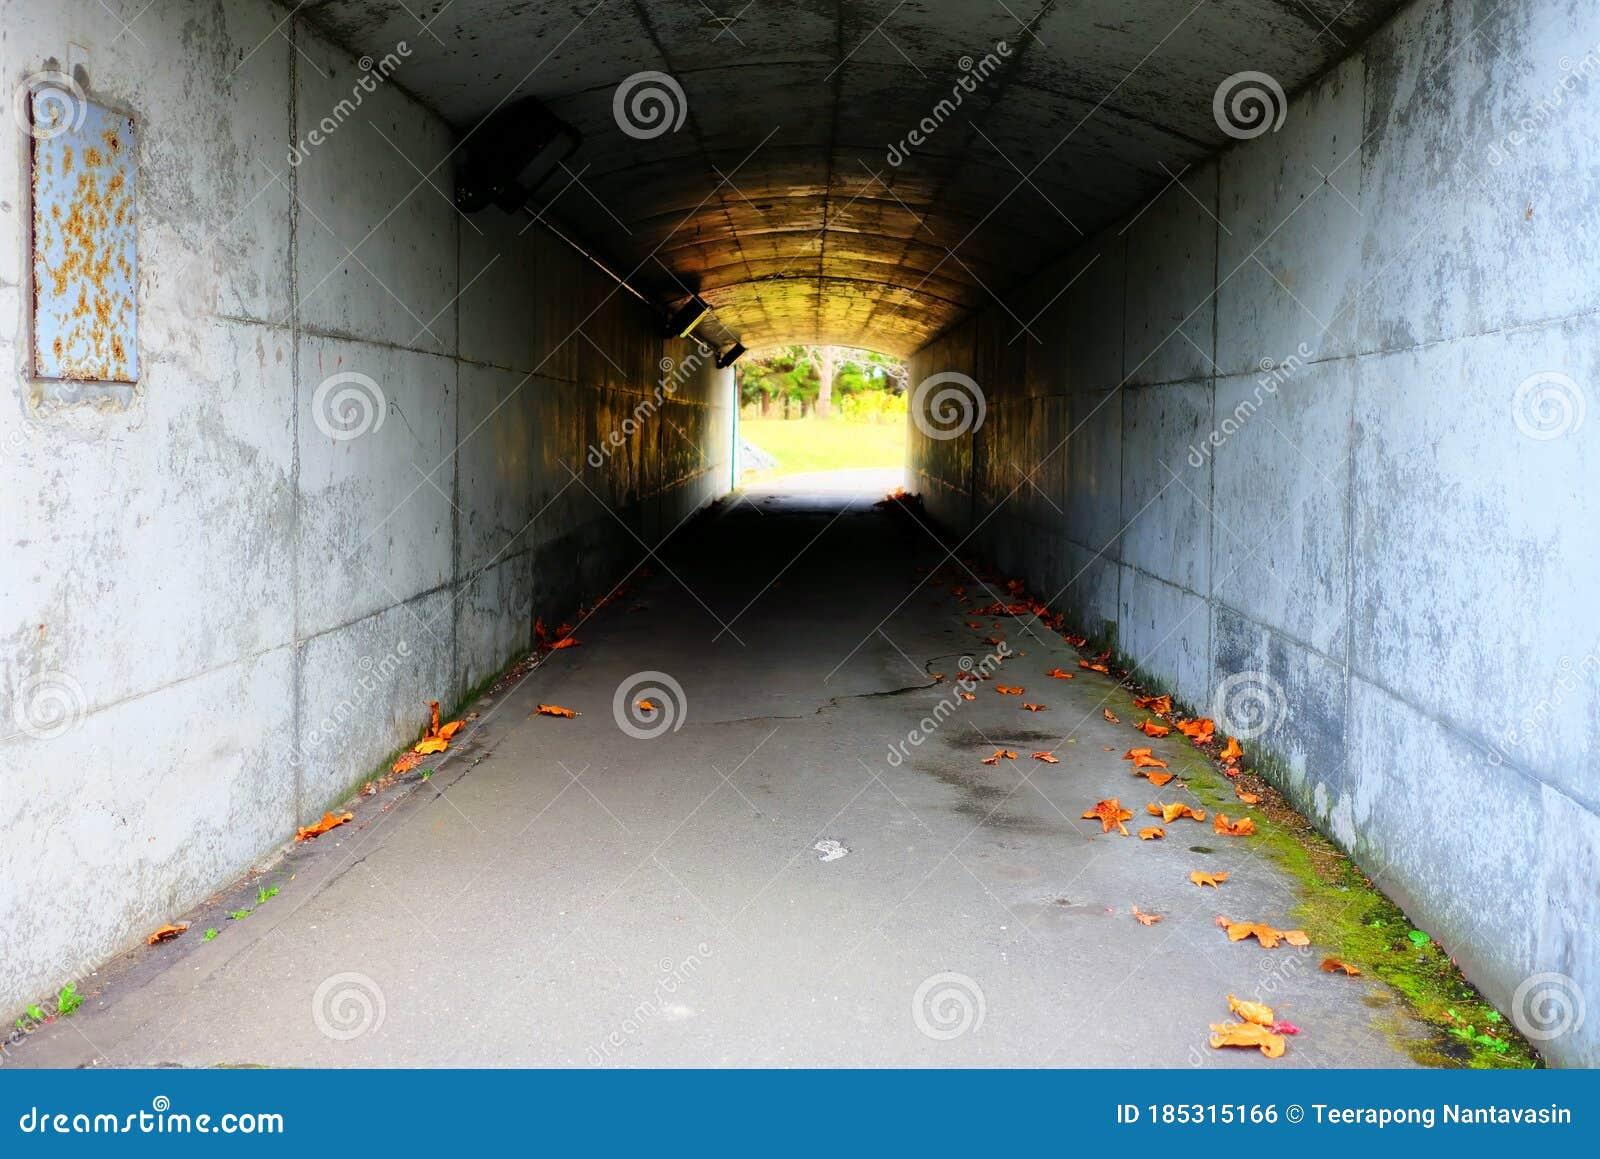 Тоннель из бетона бетон дск